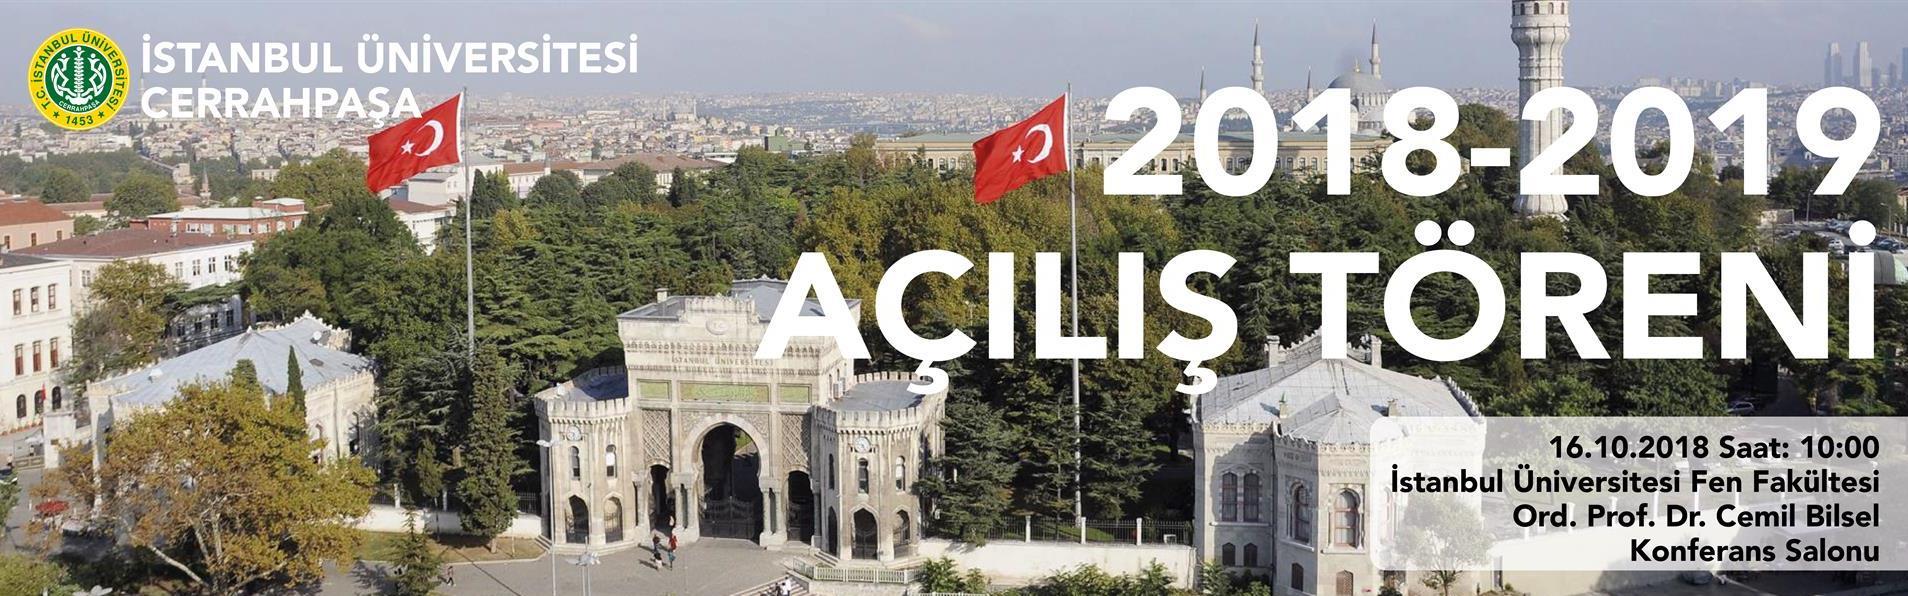 İstanbul-Üniversitesi-Cerrahpaşa-2018---2019-Eğitim----Öğretim-Yılı-Açılış-Töreni